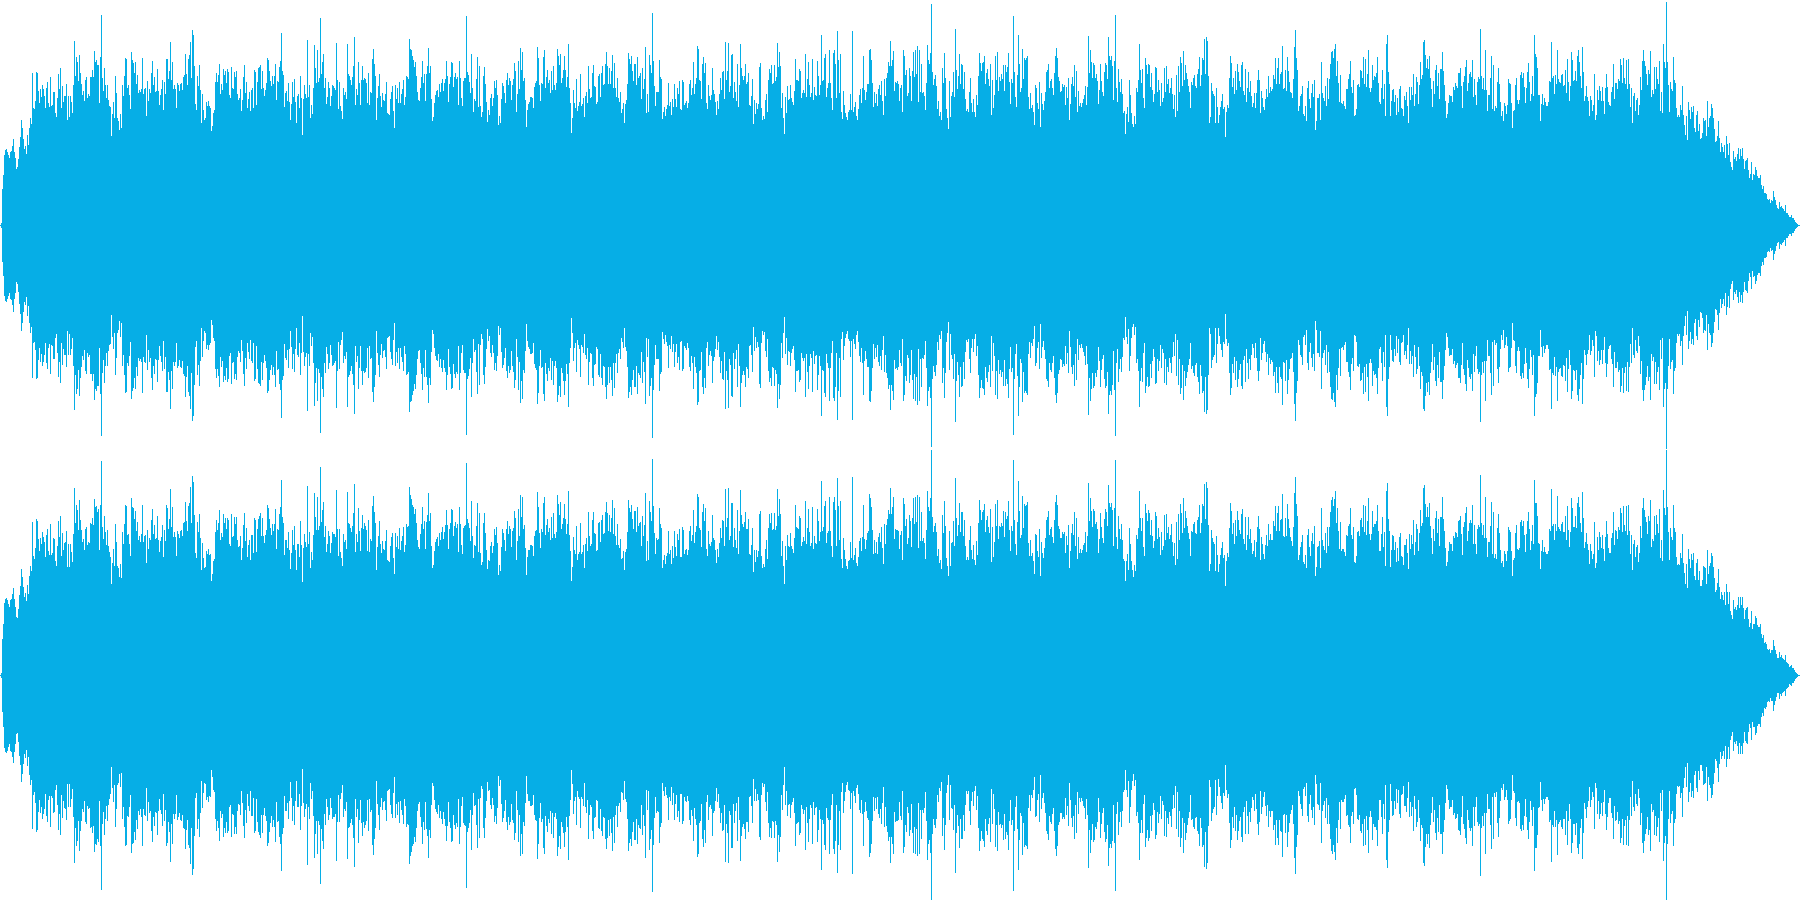 宇宙基地(環境音)の再生済みの波形